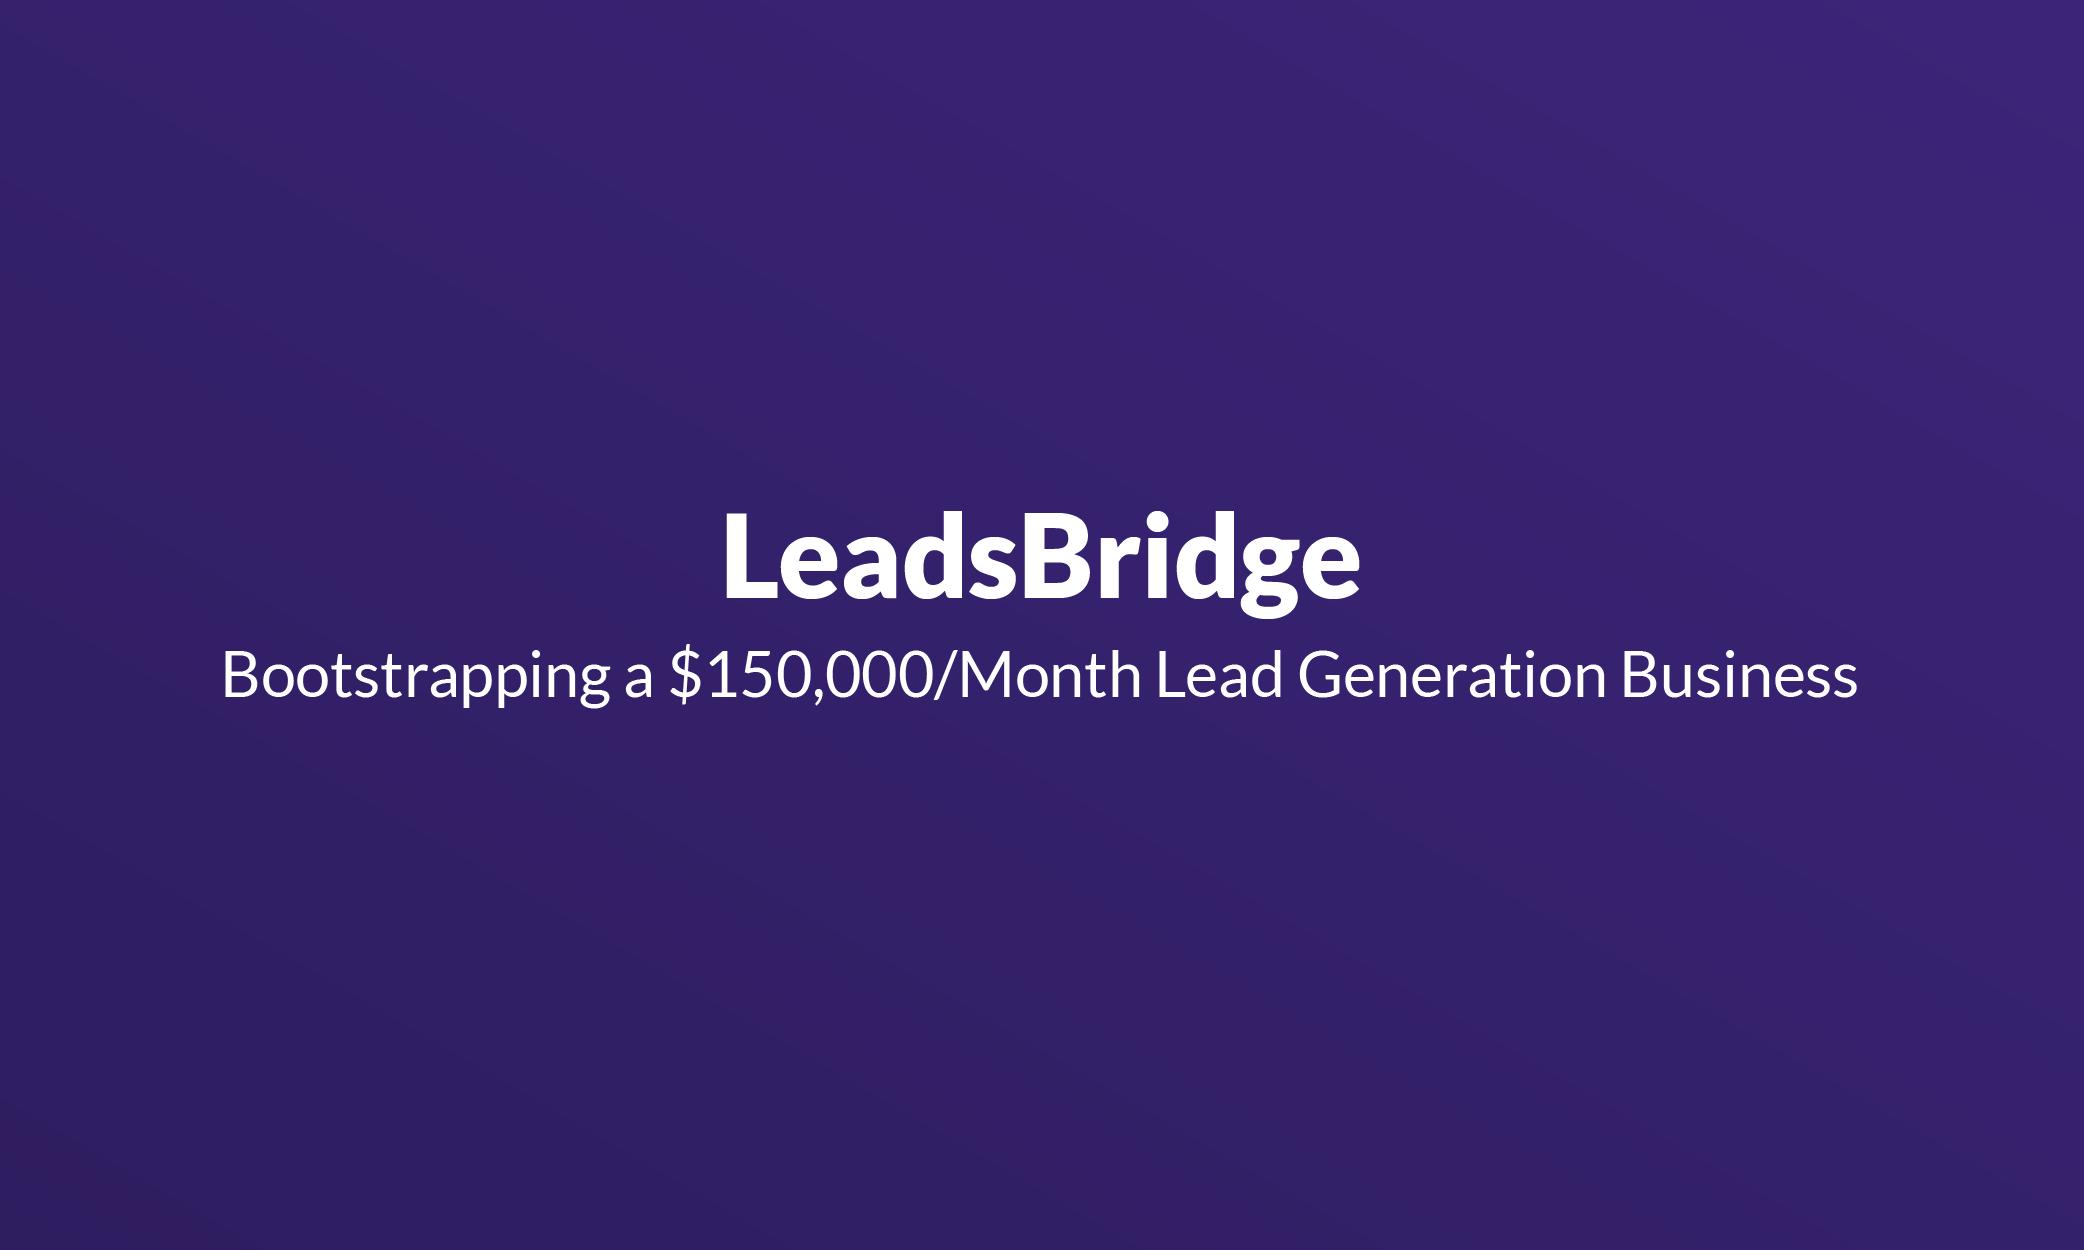 LeadsBridge Mistakes